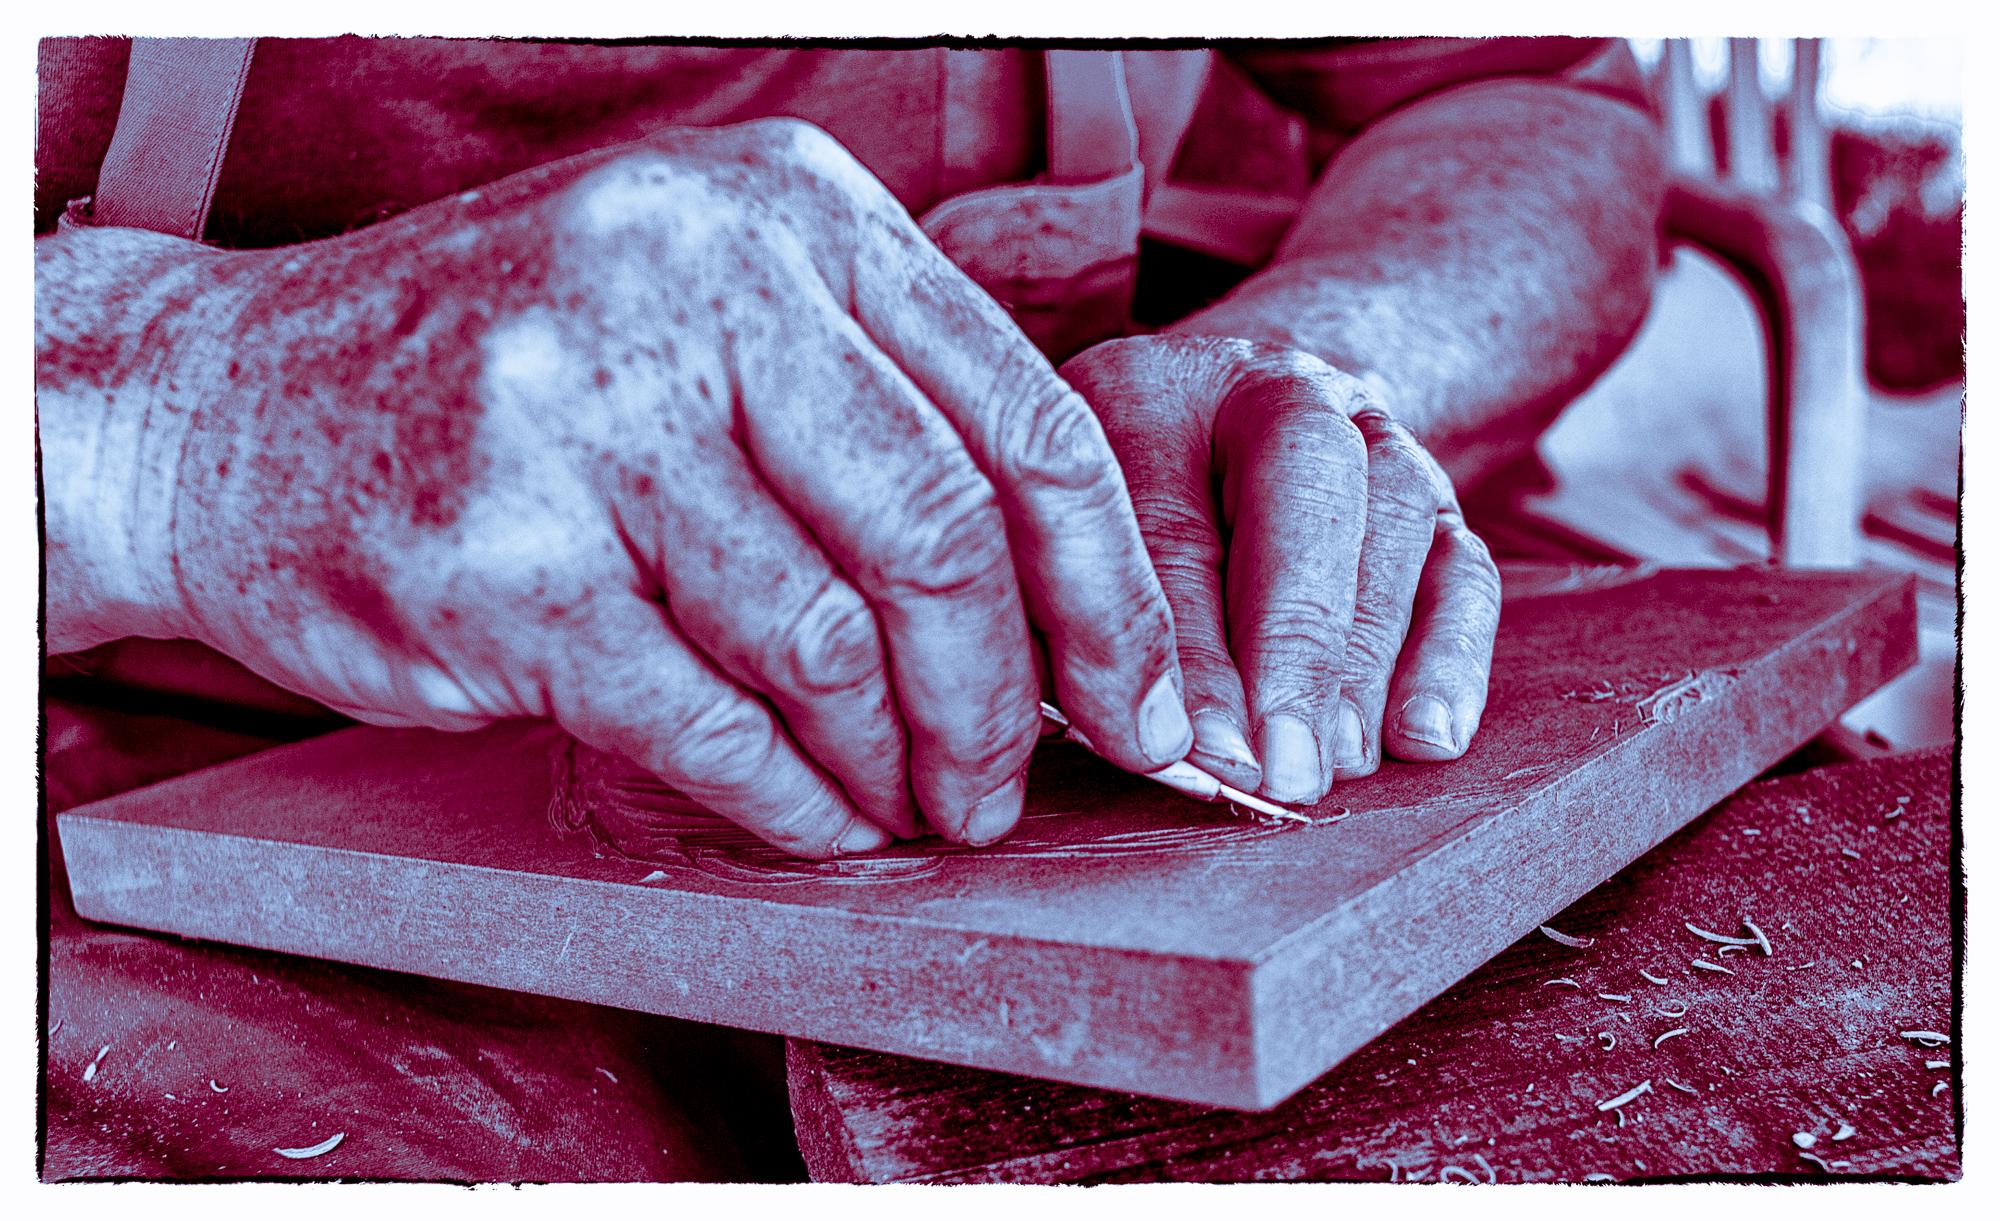 Arturs Hände beim Hozschnitt